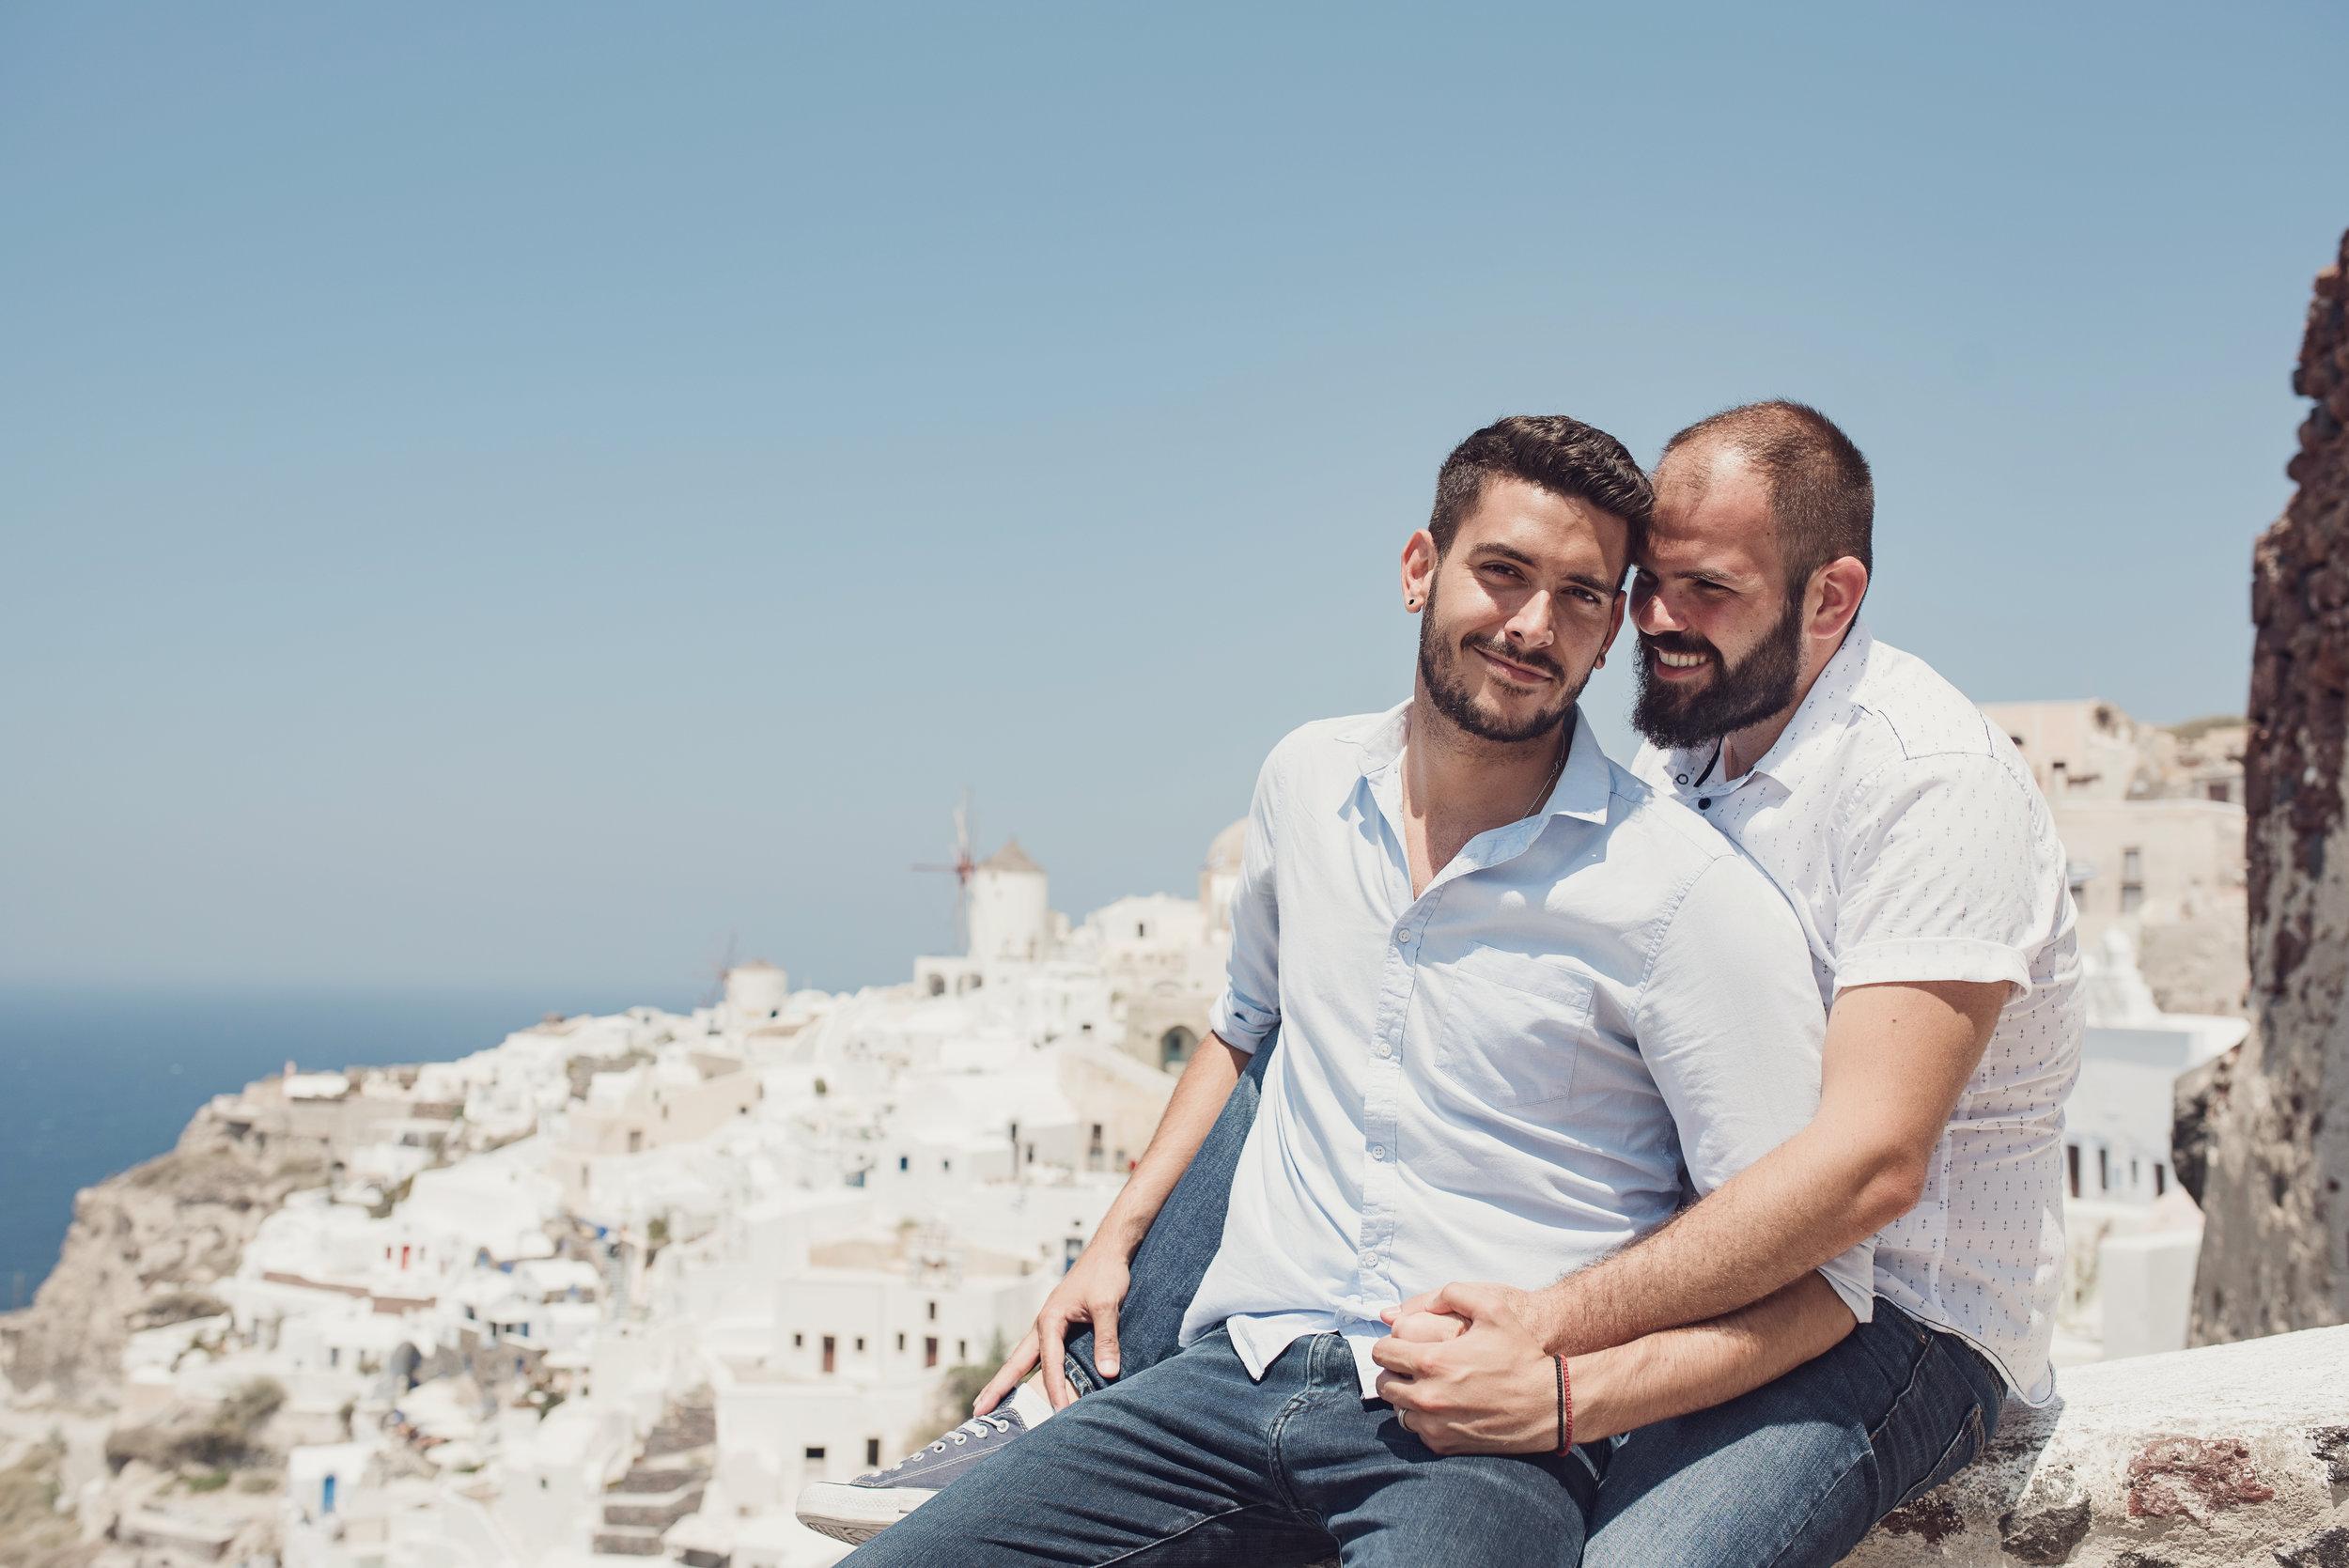 Greg and Christos. Photo credit: Kimon Kaketsis